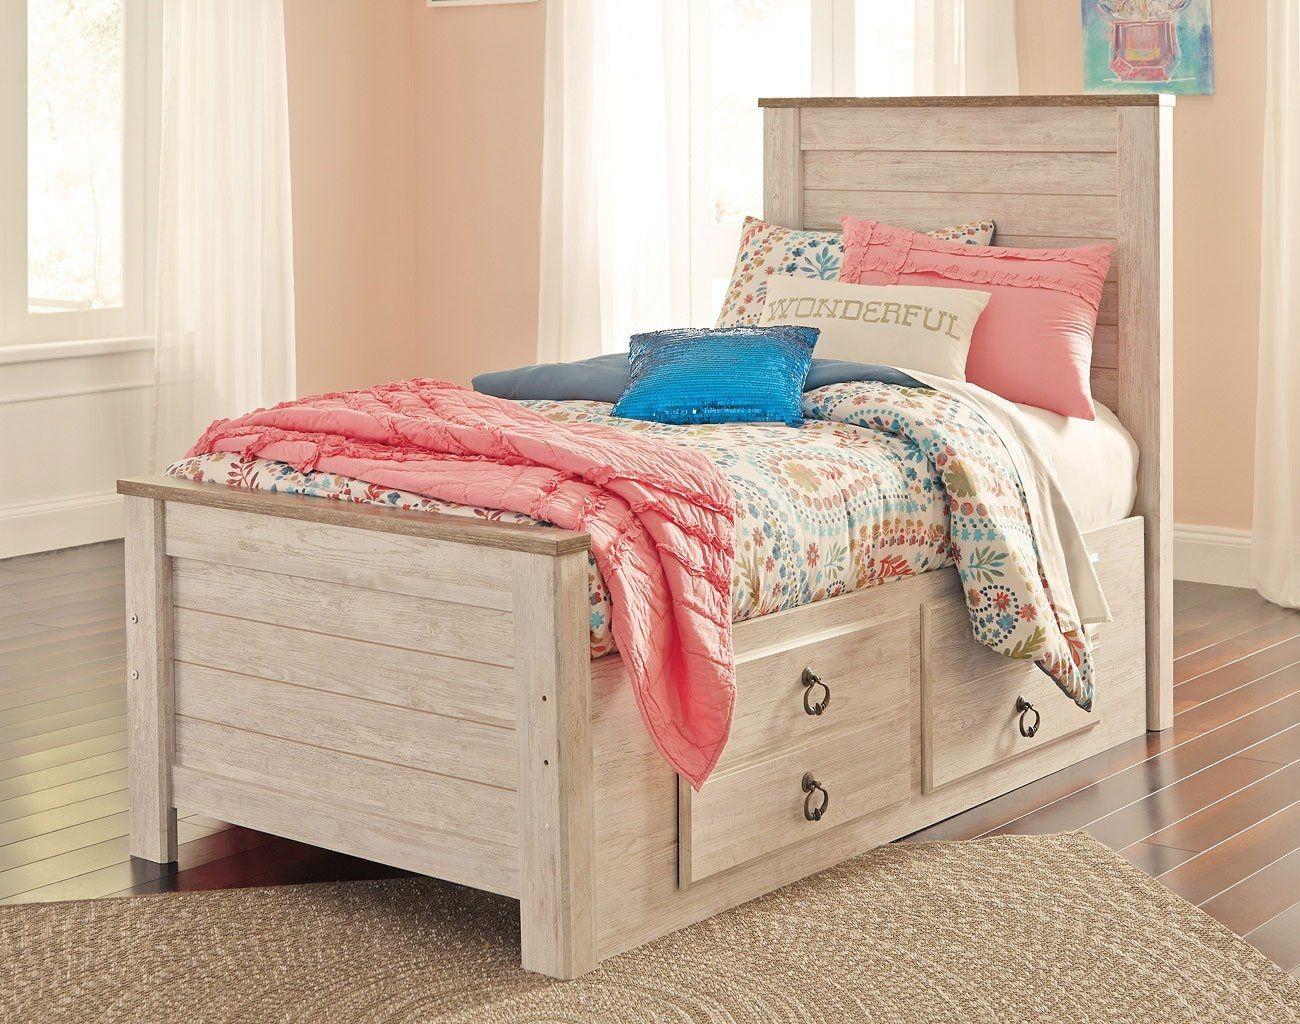 Twin storage bed, Bed storage, Under